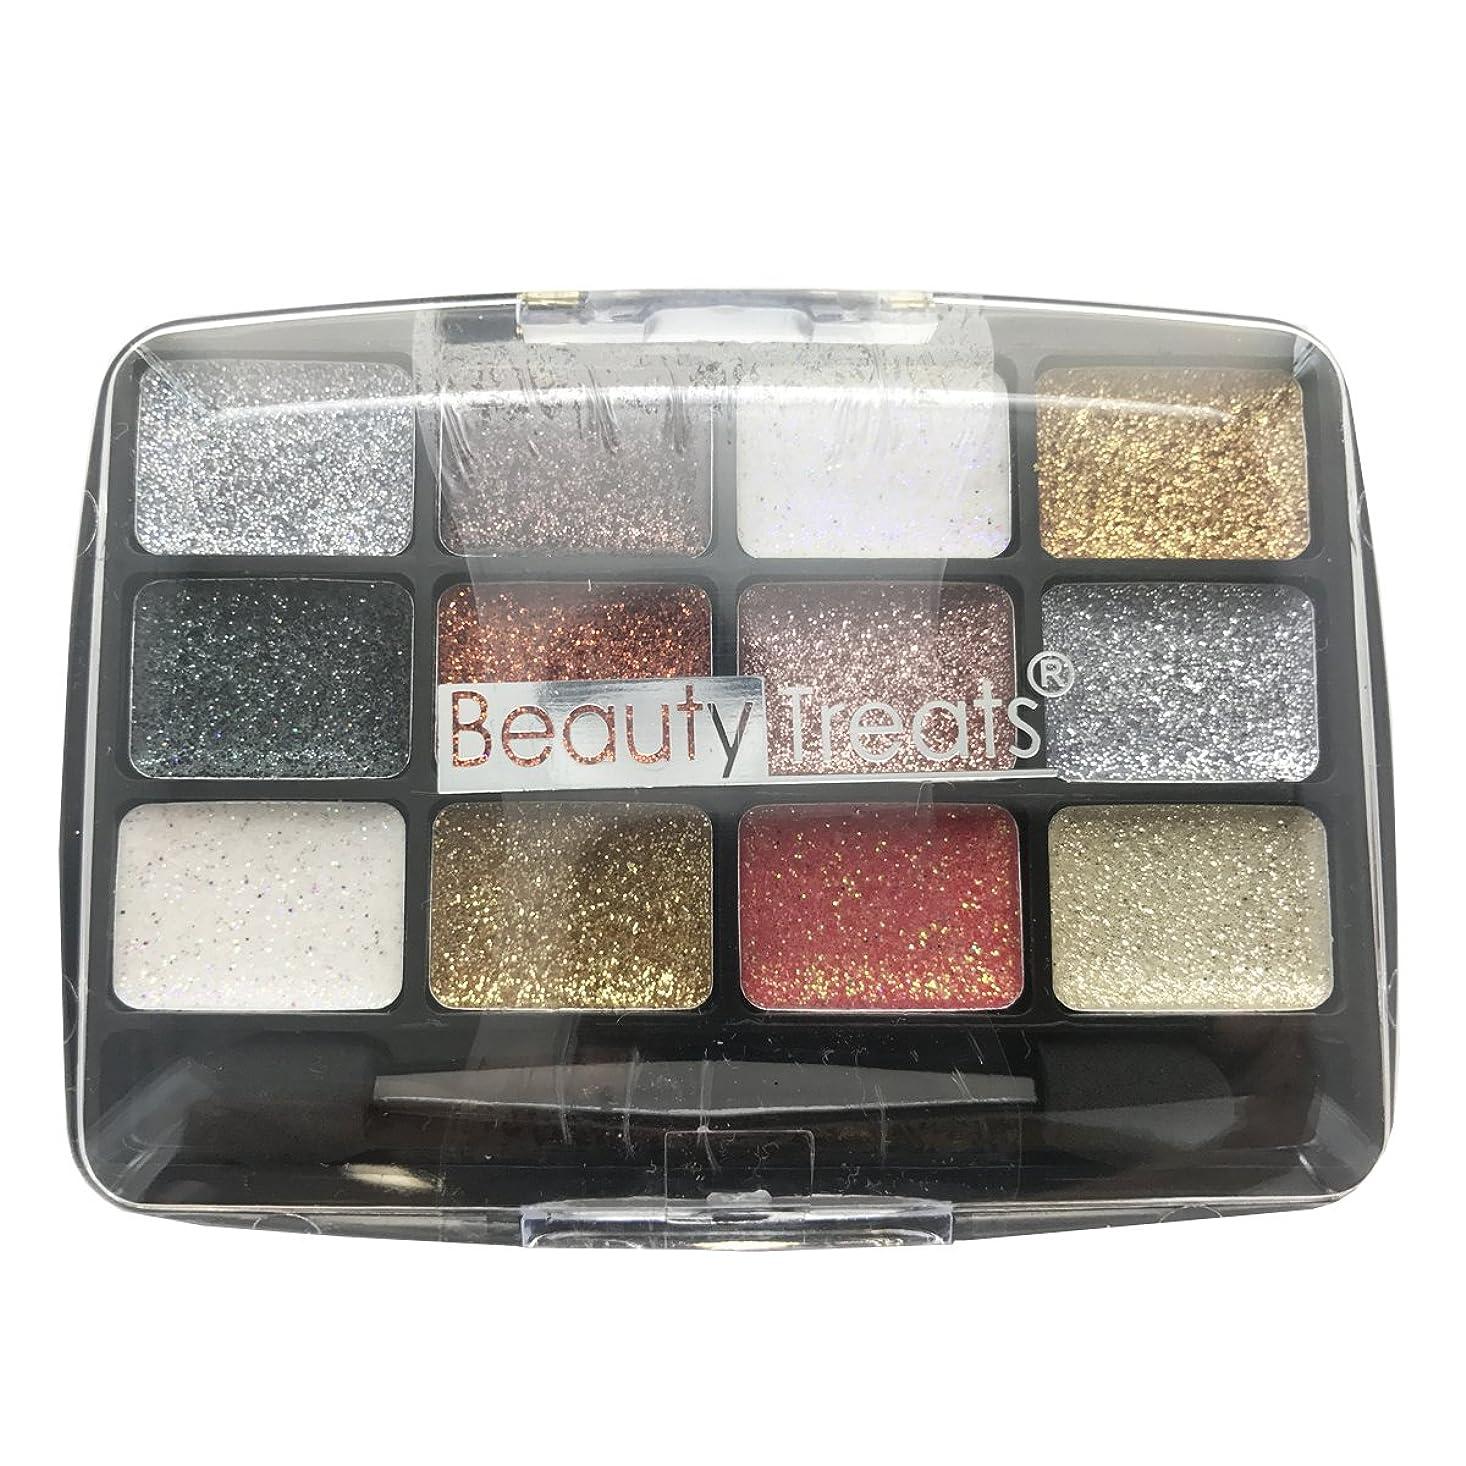 真面目なバインド落ち着いた(6 Pack) BEAUTY TREATS 12 Colors Glitter Palette - Gemstone (並行輸入品)